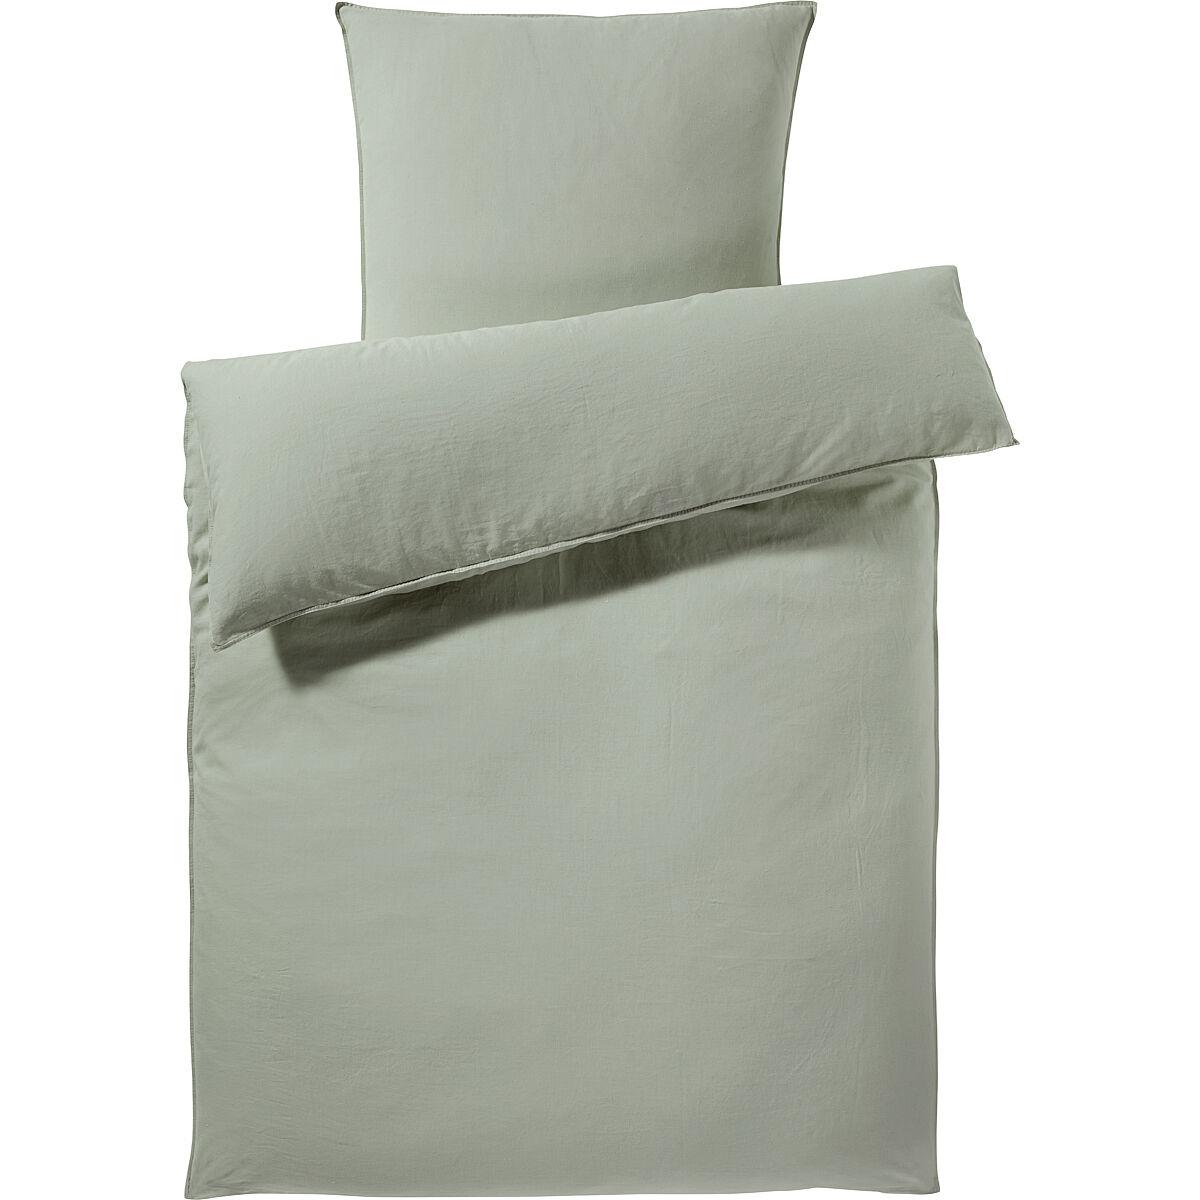 Full Size of Lustige Bettwäsche 155x220 Bettwsche Baumwolle T Shirt Sprüche T Shirt Wohnzimmer Lustige Bettwäsche 155x220